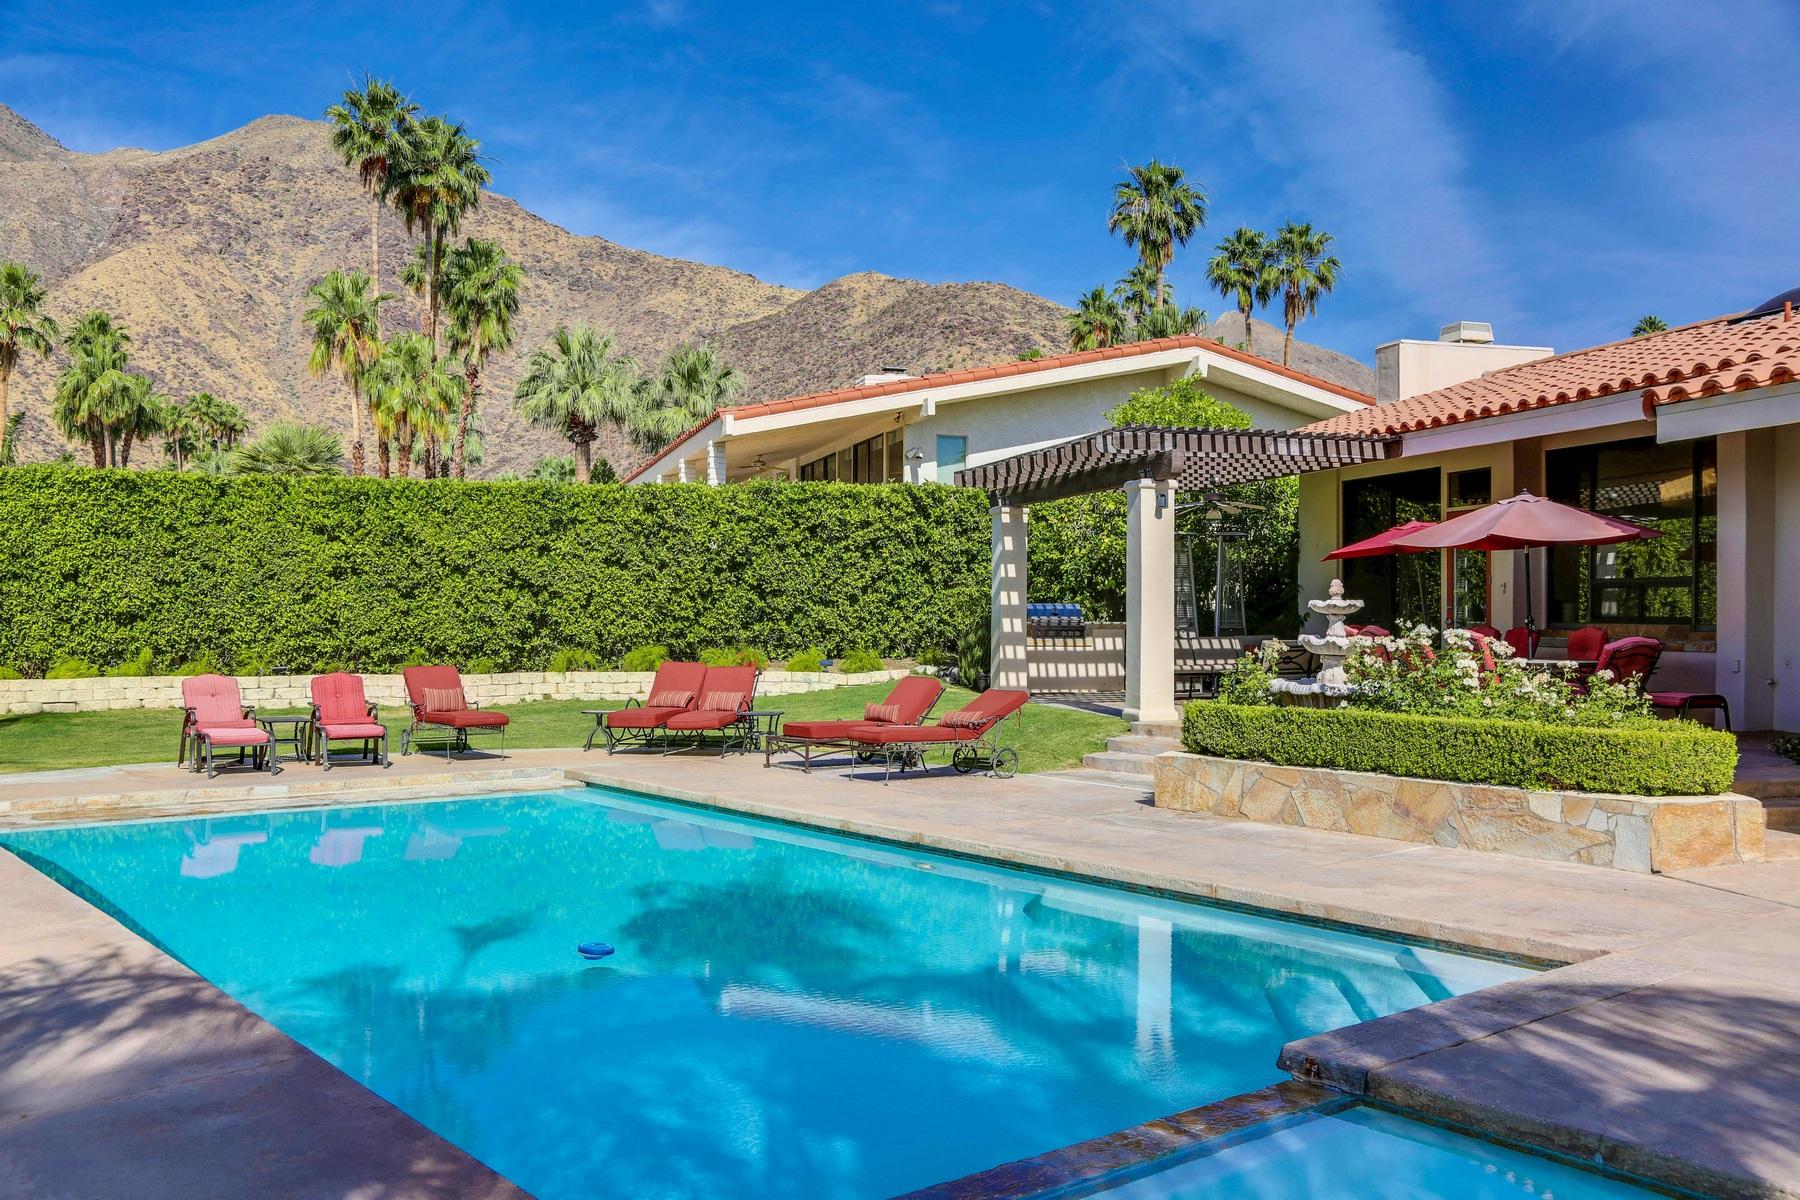 独户住宅 为 销售 在 699 Camino Norte 棕榈泉, 加利福尼亚州, 92262 美国